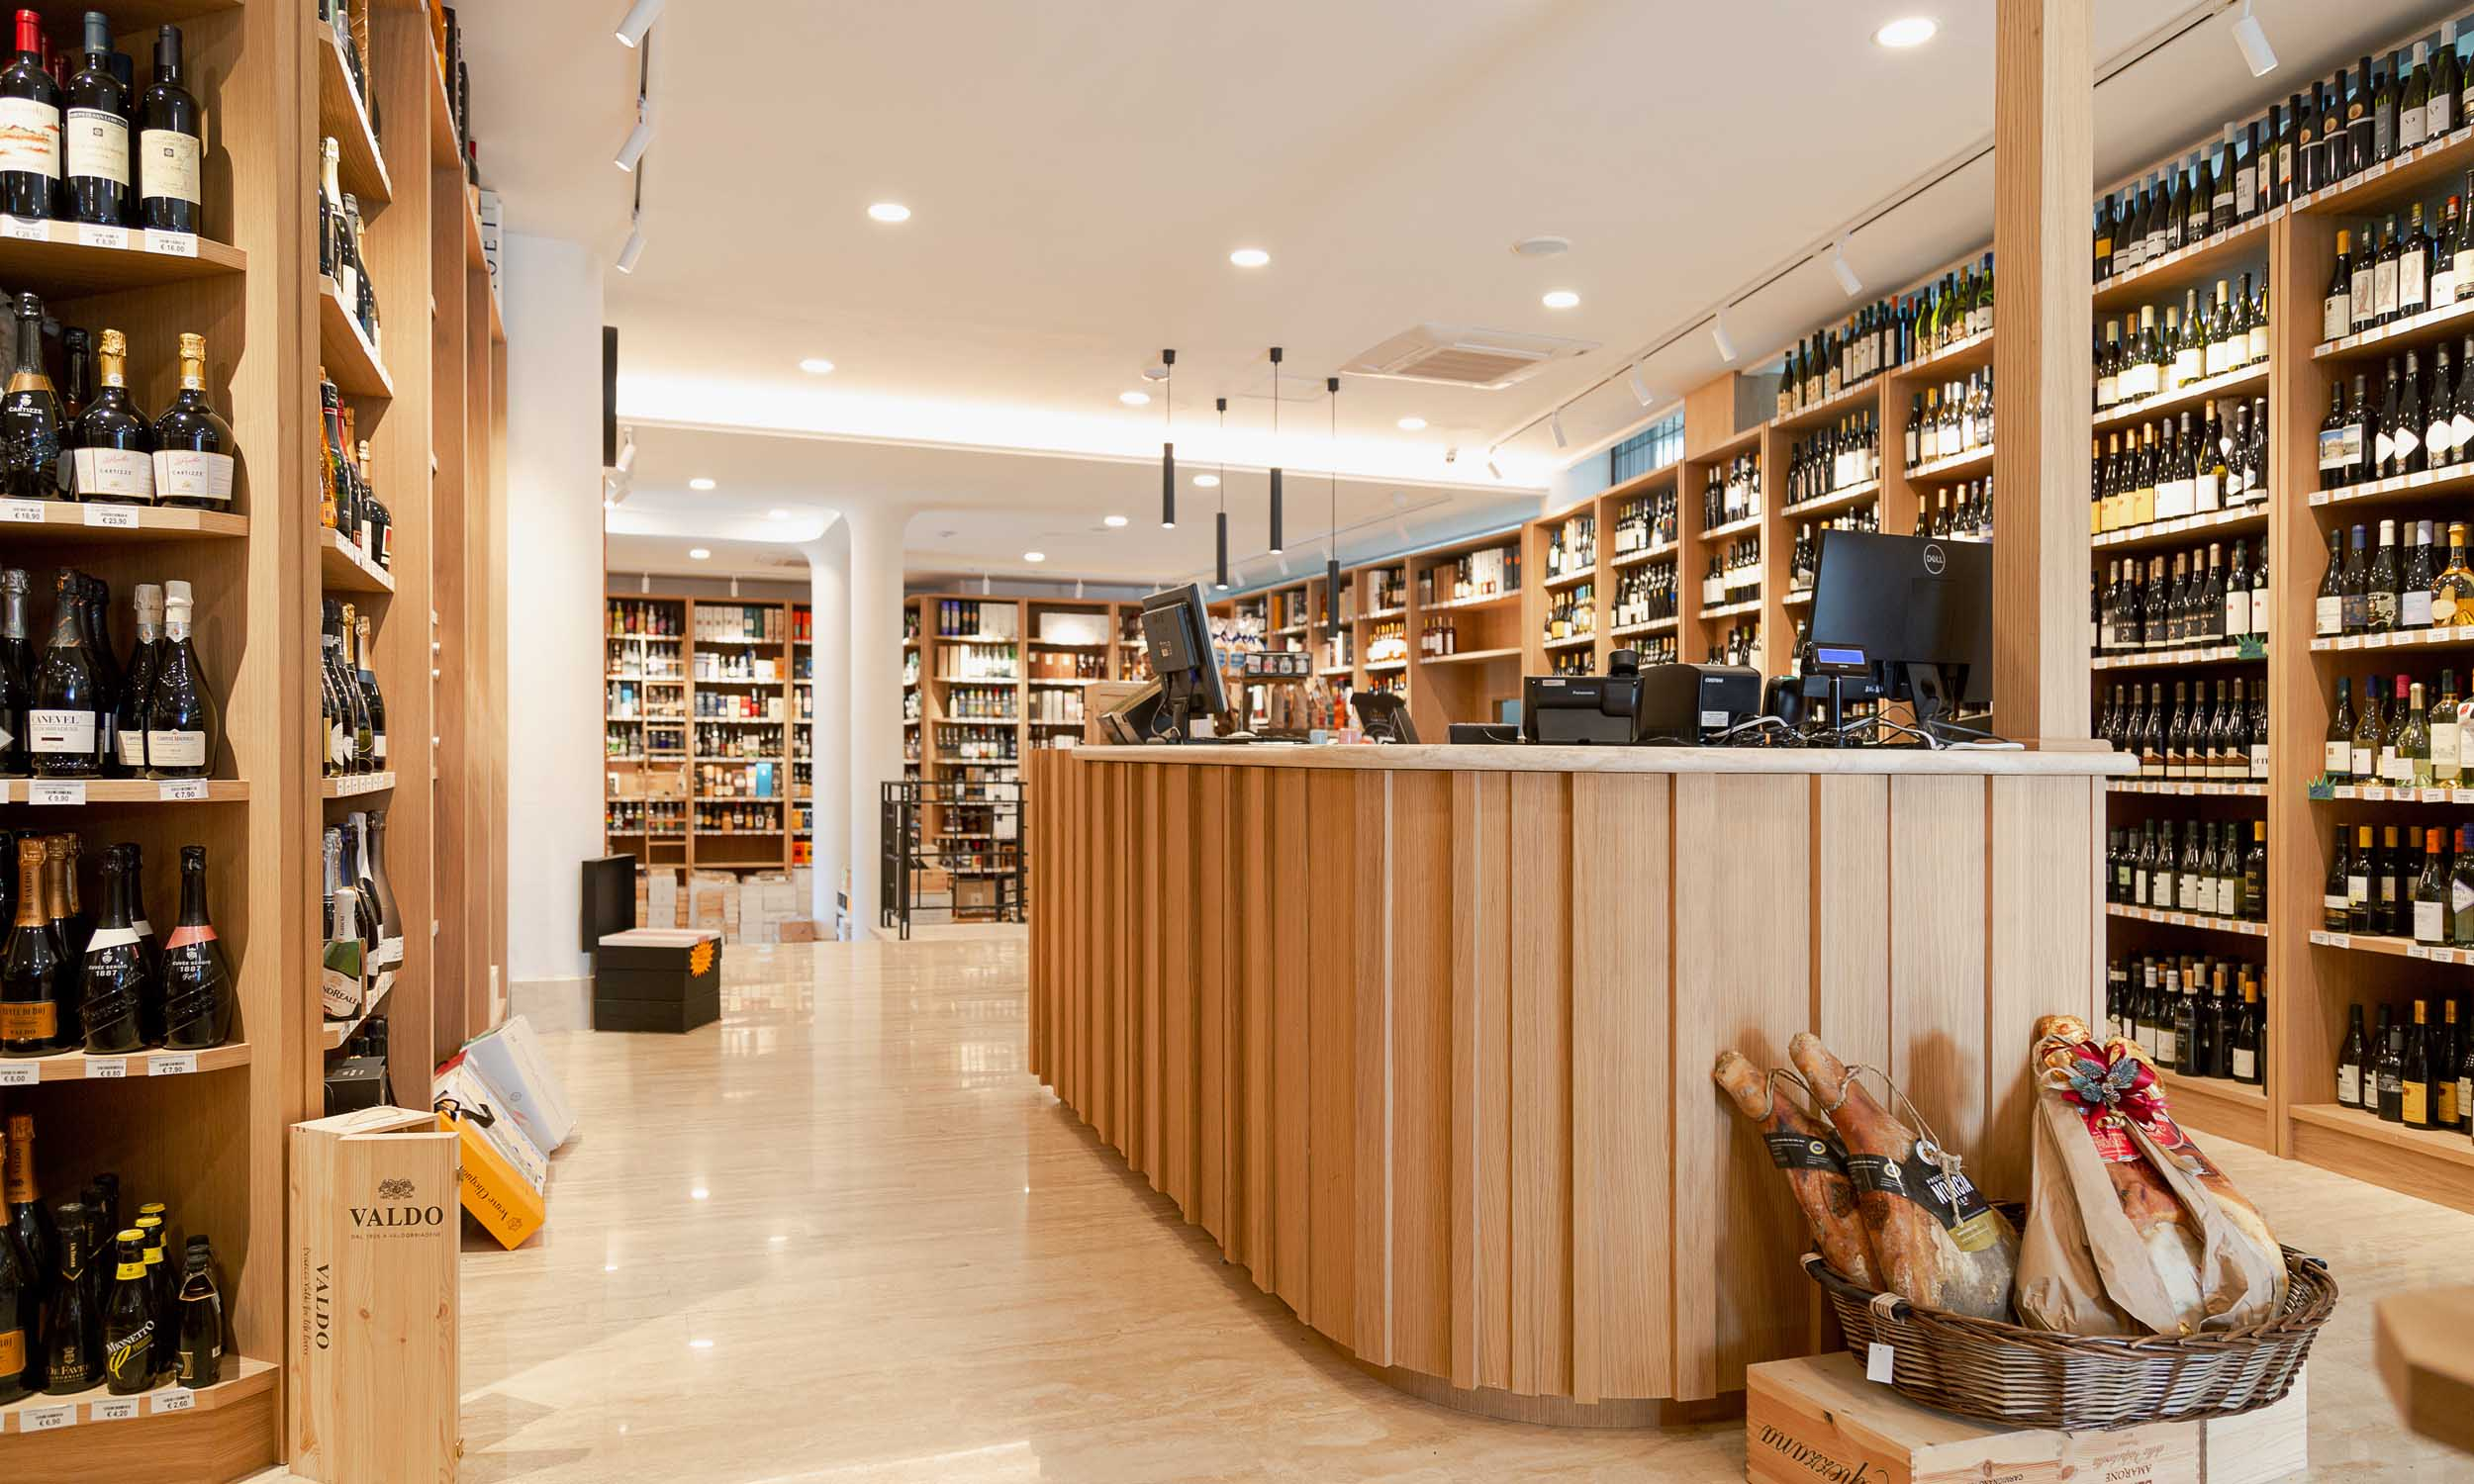 studio-architettura-interior-design-negozi-commerciale-retail-roma-fad-fucine-forniti-3